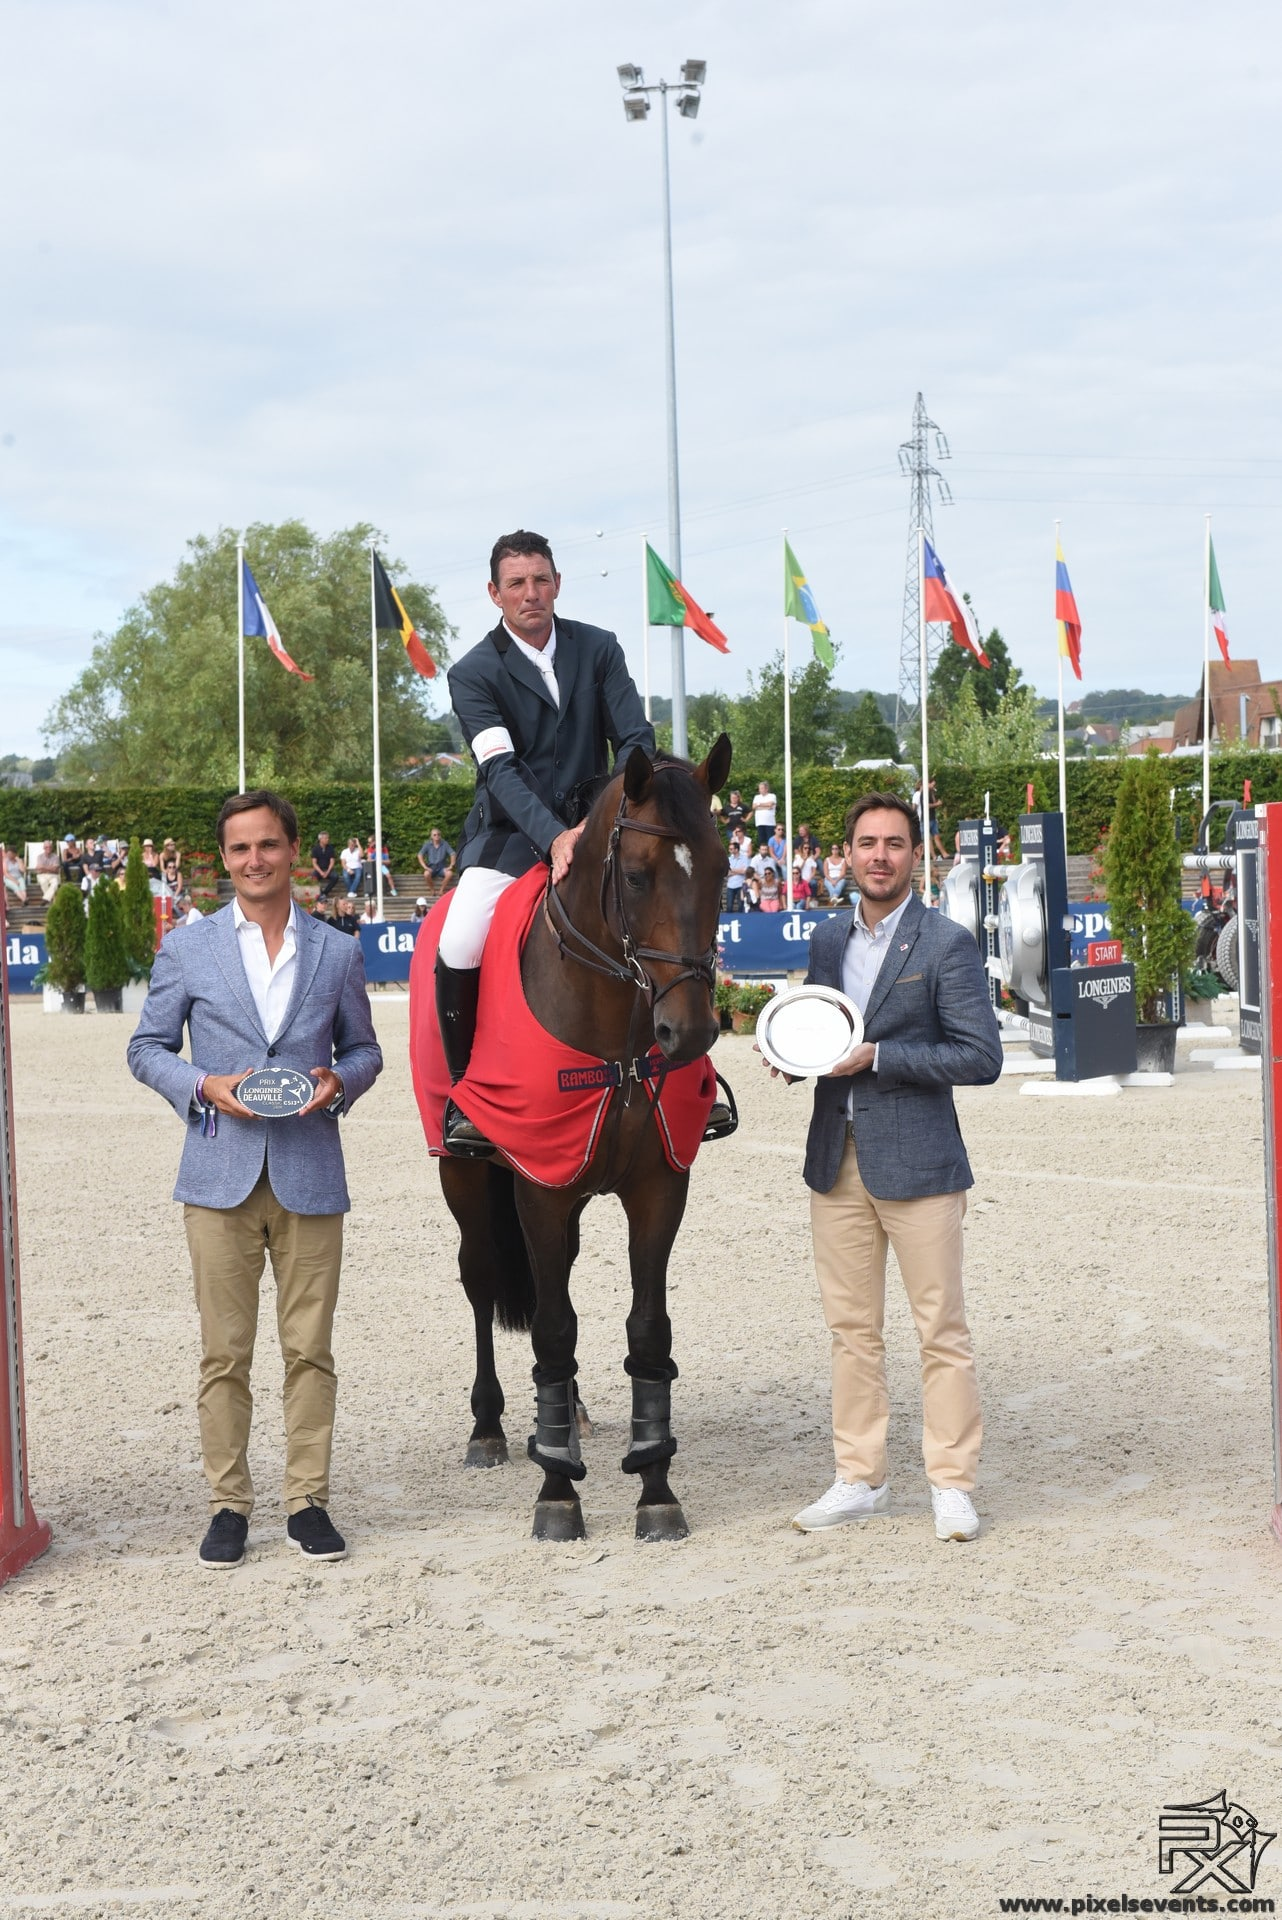 Remise du trophée au gagnant du challenge Horse Immo par Guillaume Carlier, Directeur Horse Immo.